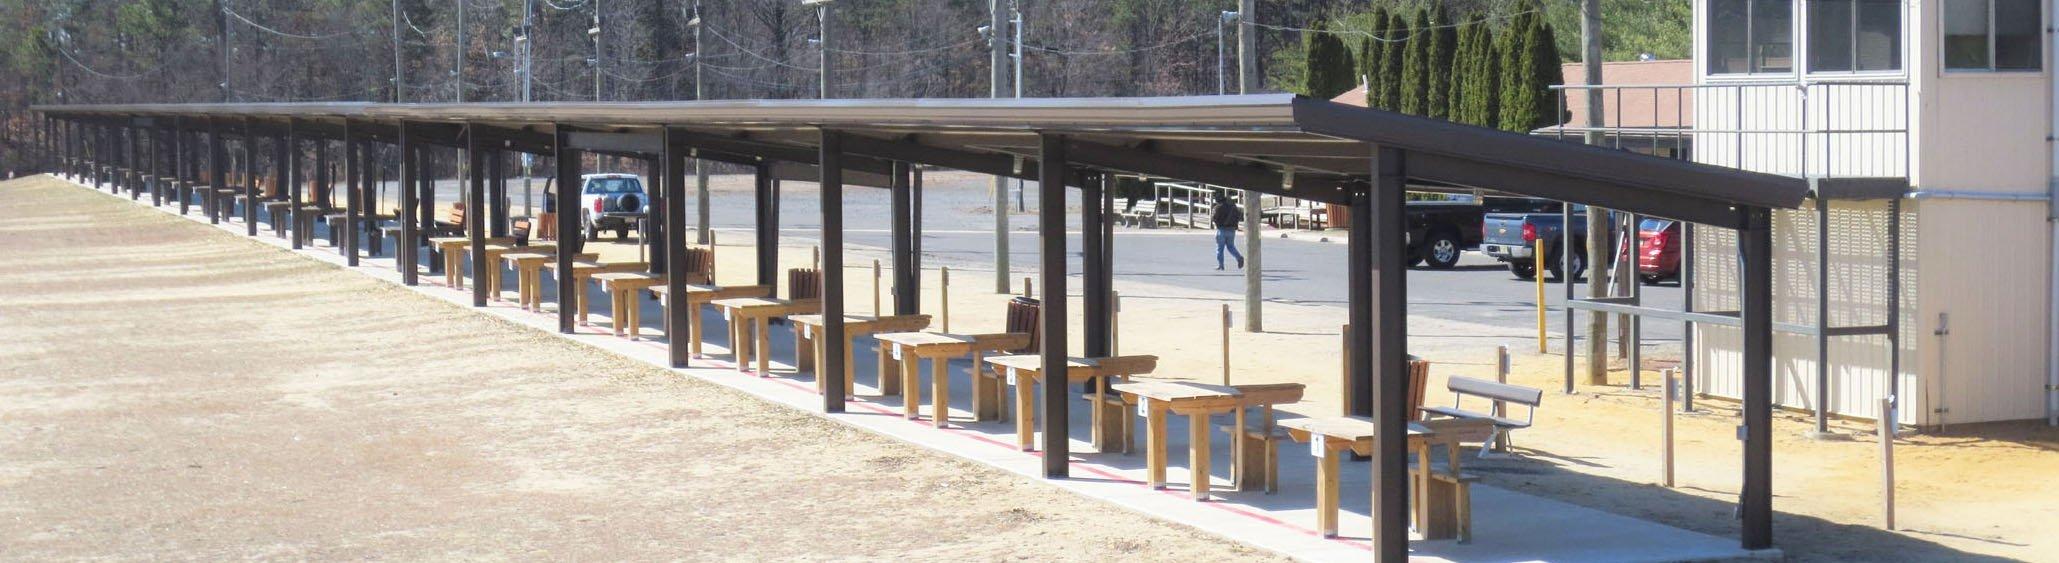 Range 14 - Joint Base Fort Dix